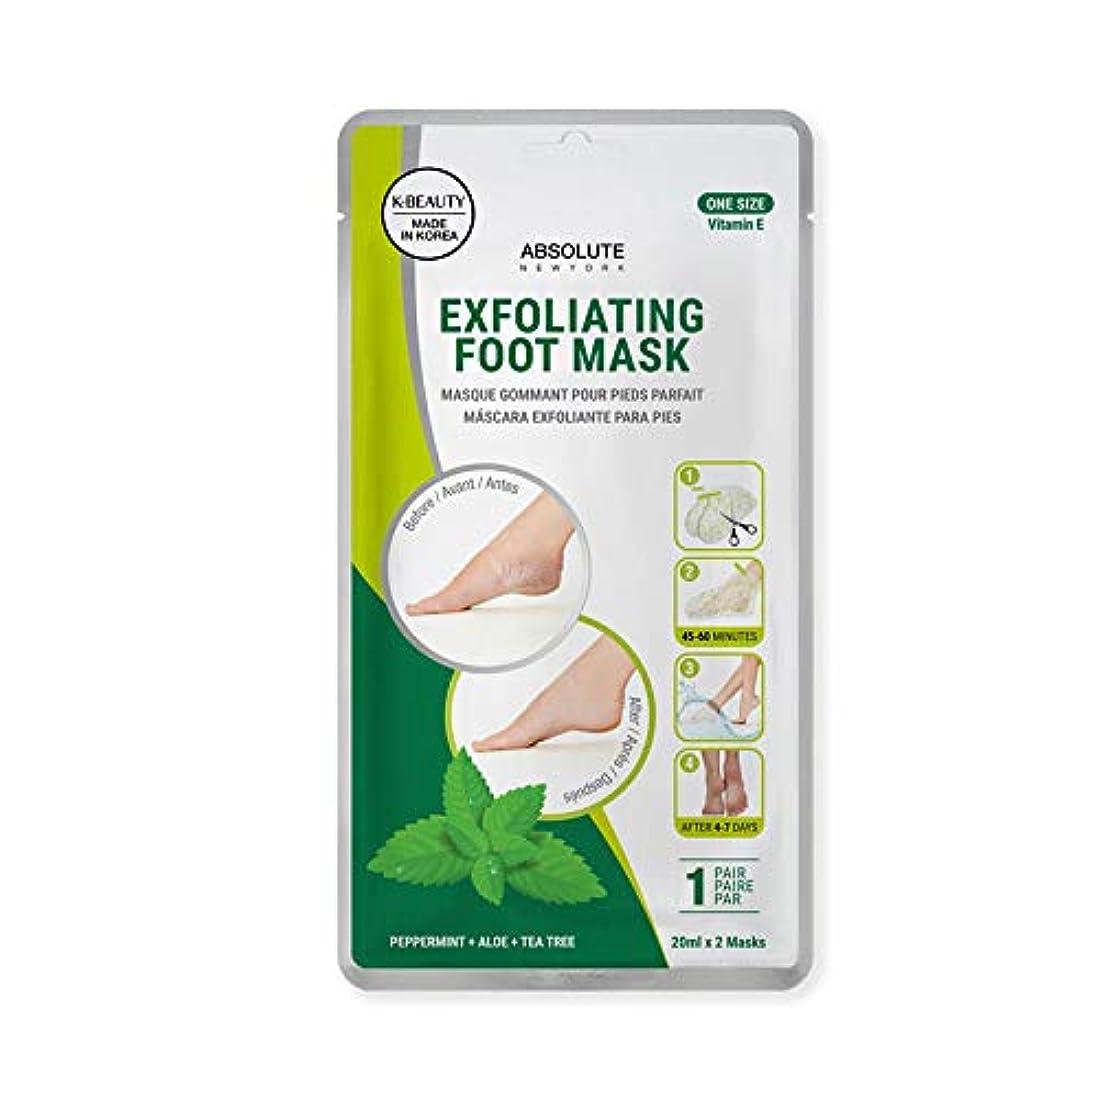 雄弁例外繁栄する(3 Pack) ABSOLUTE Exfoliating Foot Mask - Peppermint + Aloe + Tea Tree (並行輸入品)